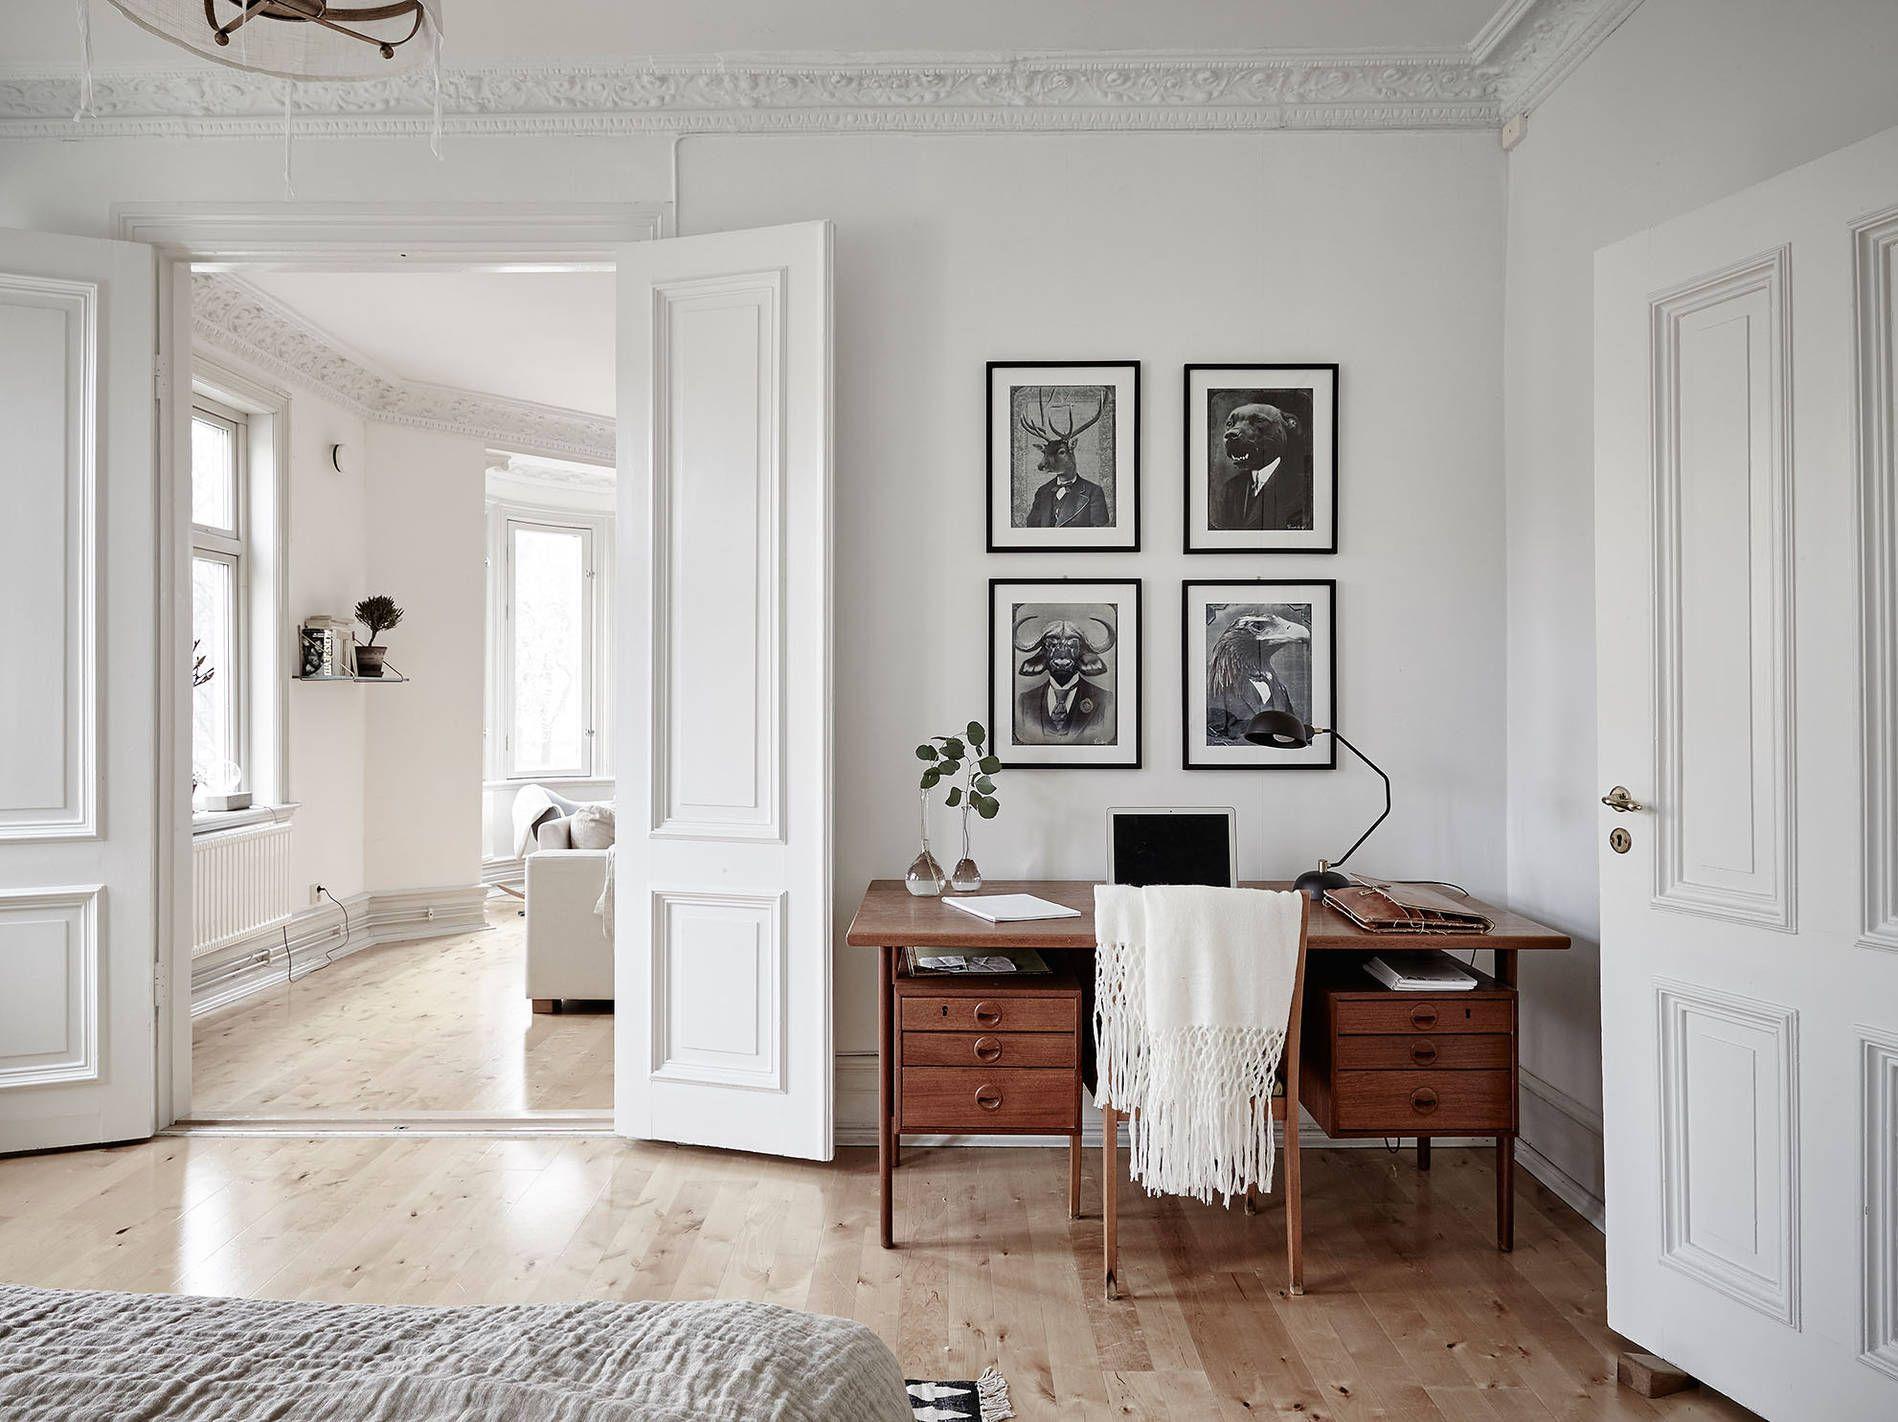 schwedischer Altbau 11 … alte Häuser mit viel Charm in 2019…